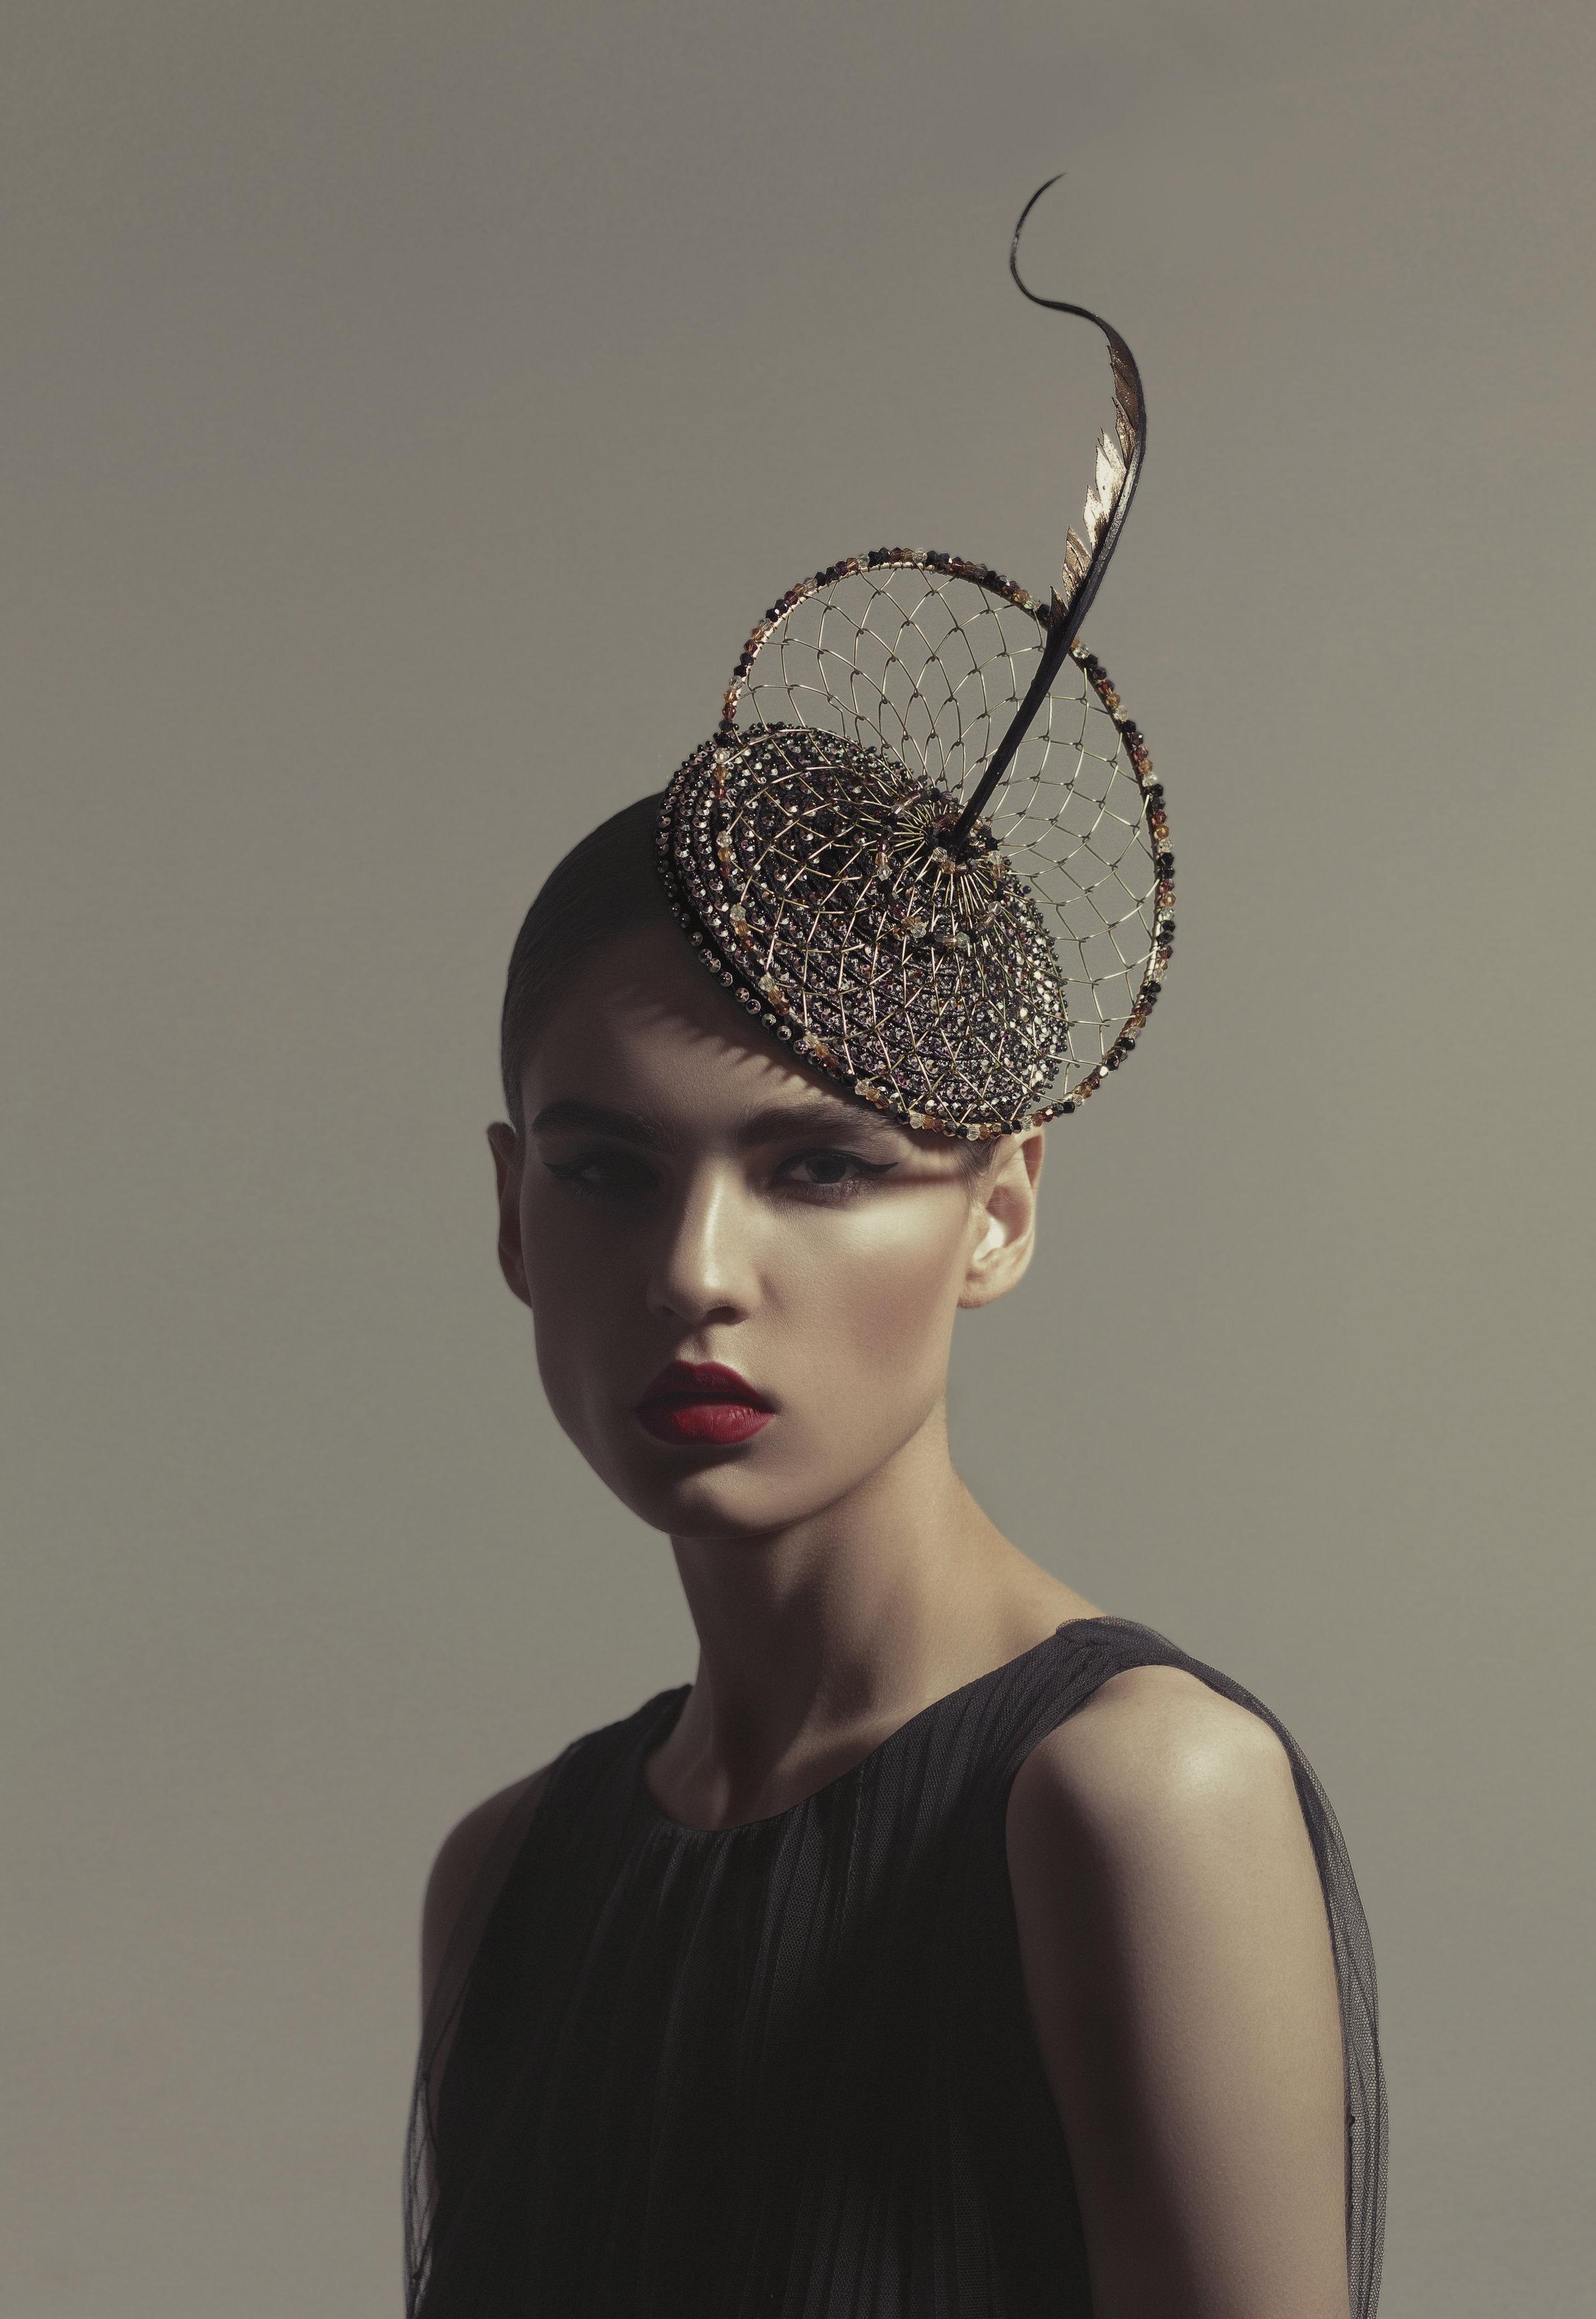 Photo - Evgenia Muzheva  Model - Nika Sobolevskaya